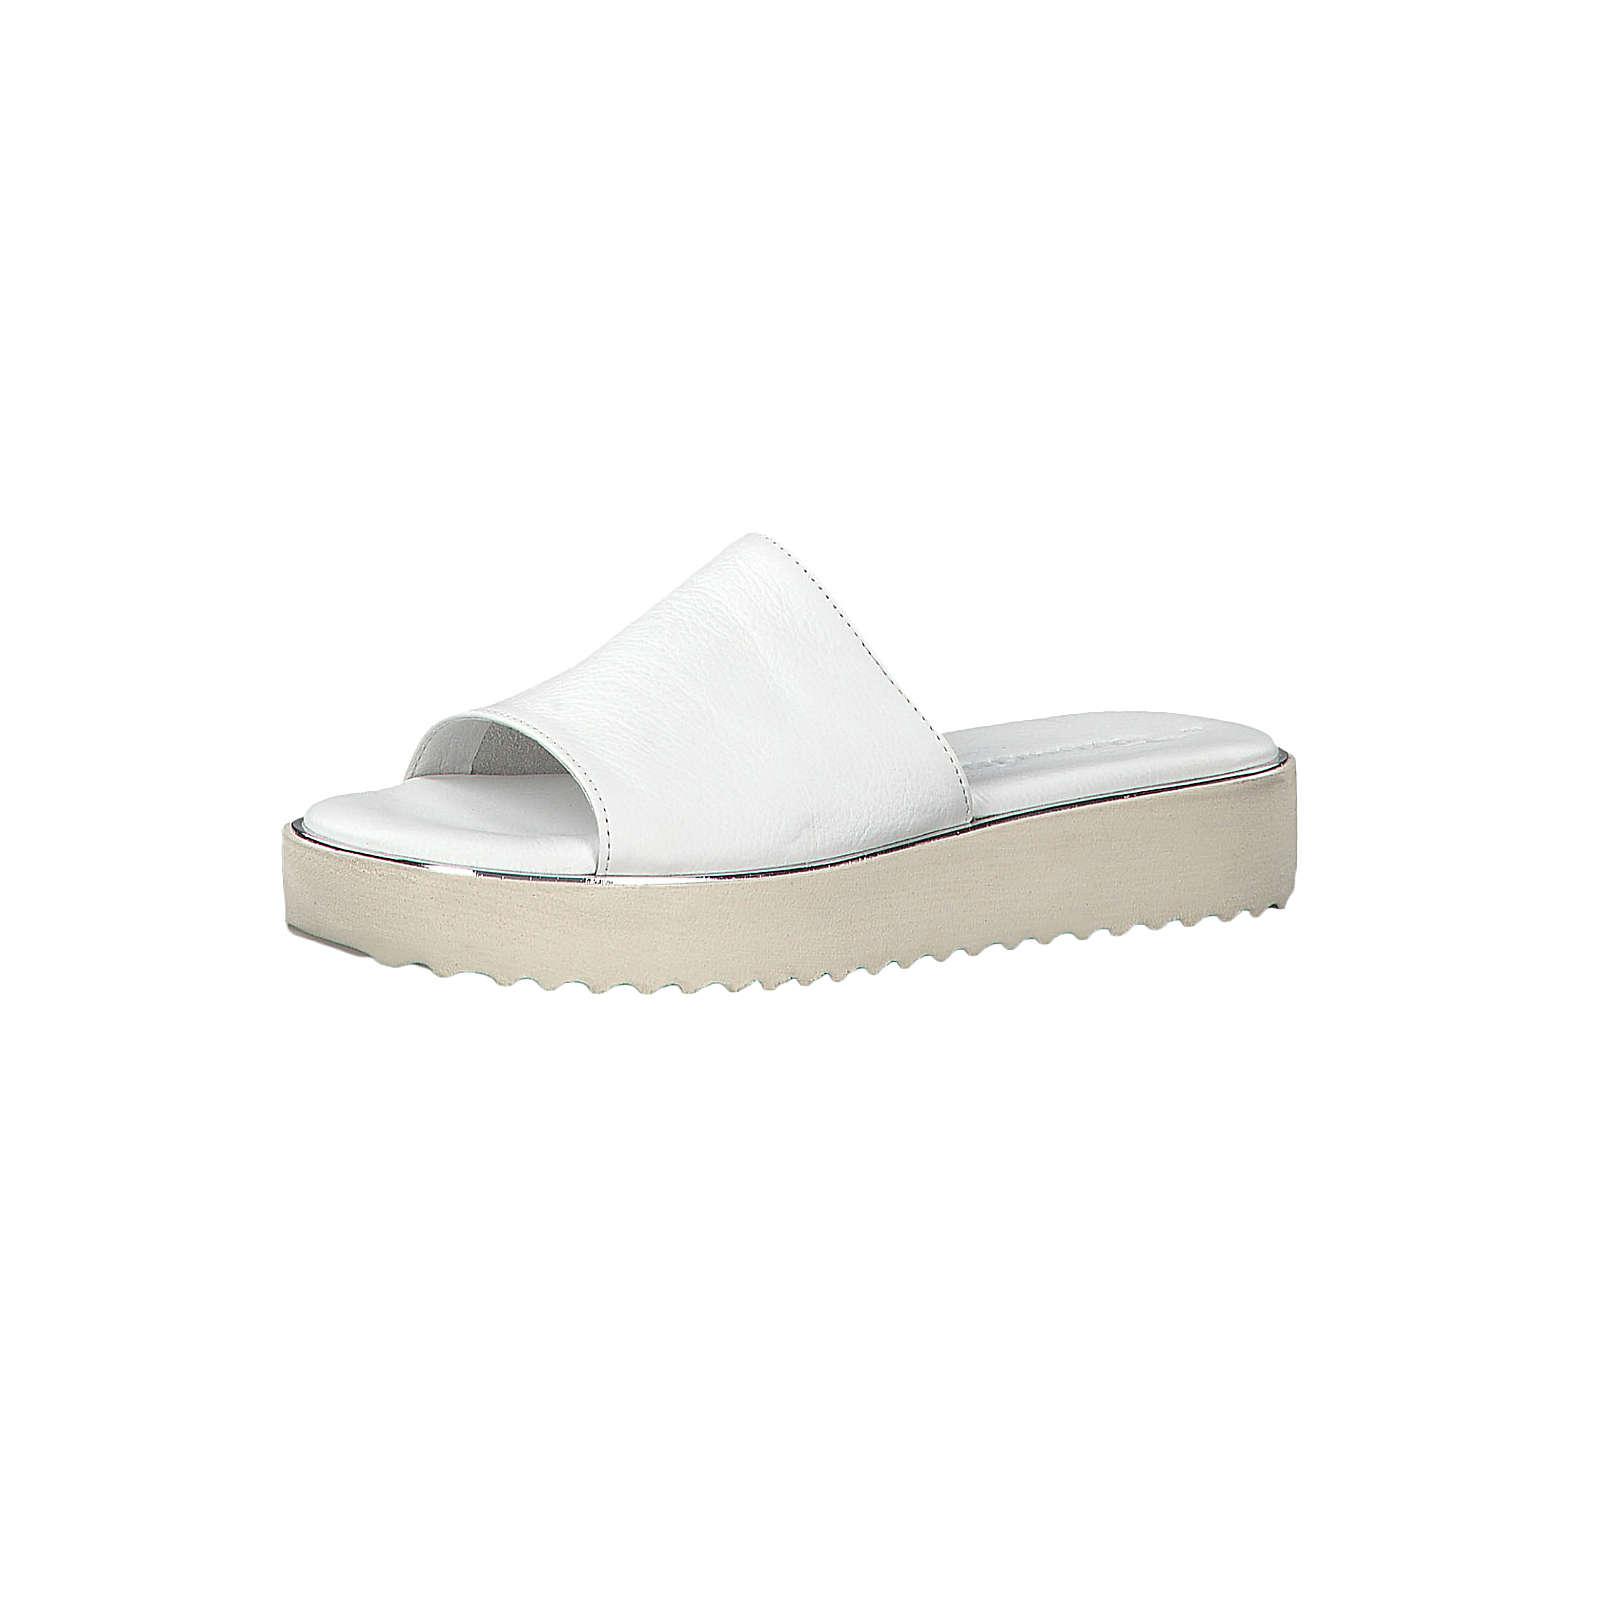 Tamaris 1-27204-22 100 Damen White Weiss Sandale Badeschuhe mit TOUCH-IT Sohle Pantoletten weiß Damen Gr. 36